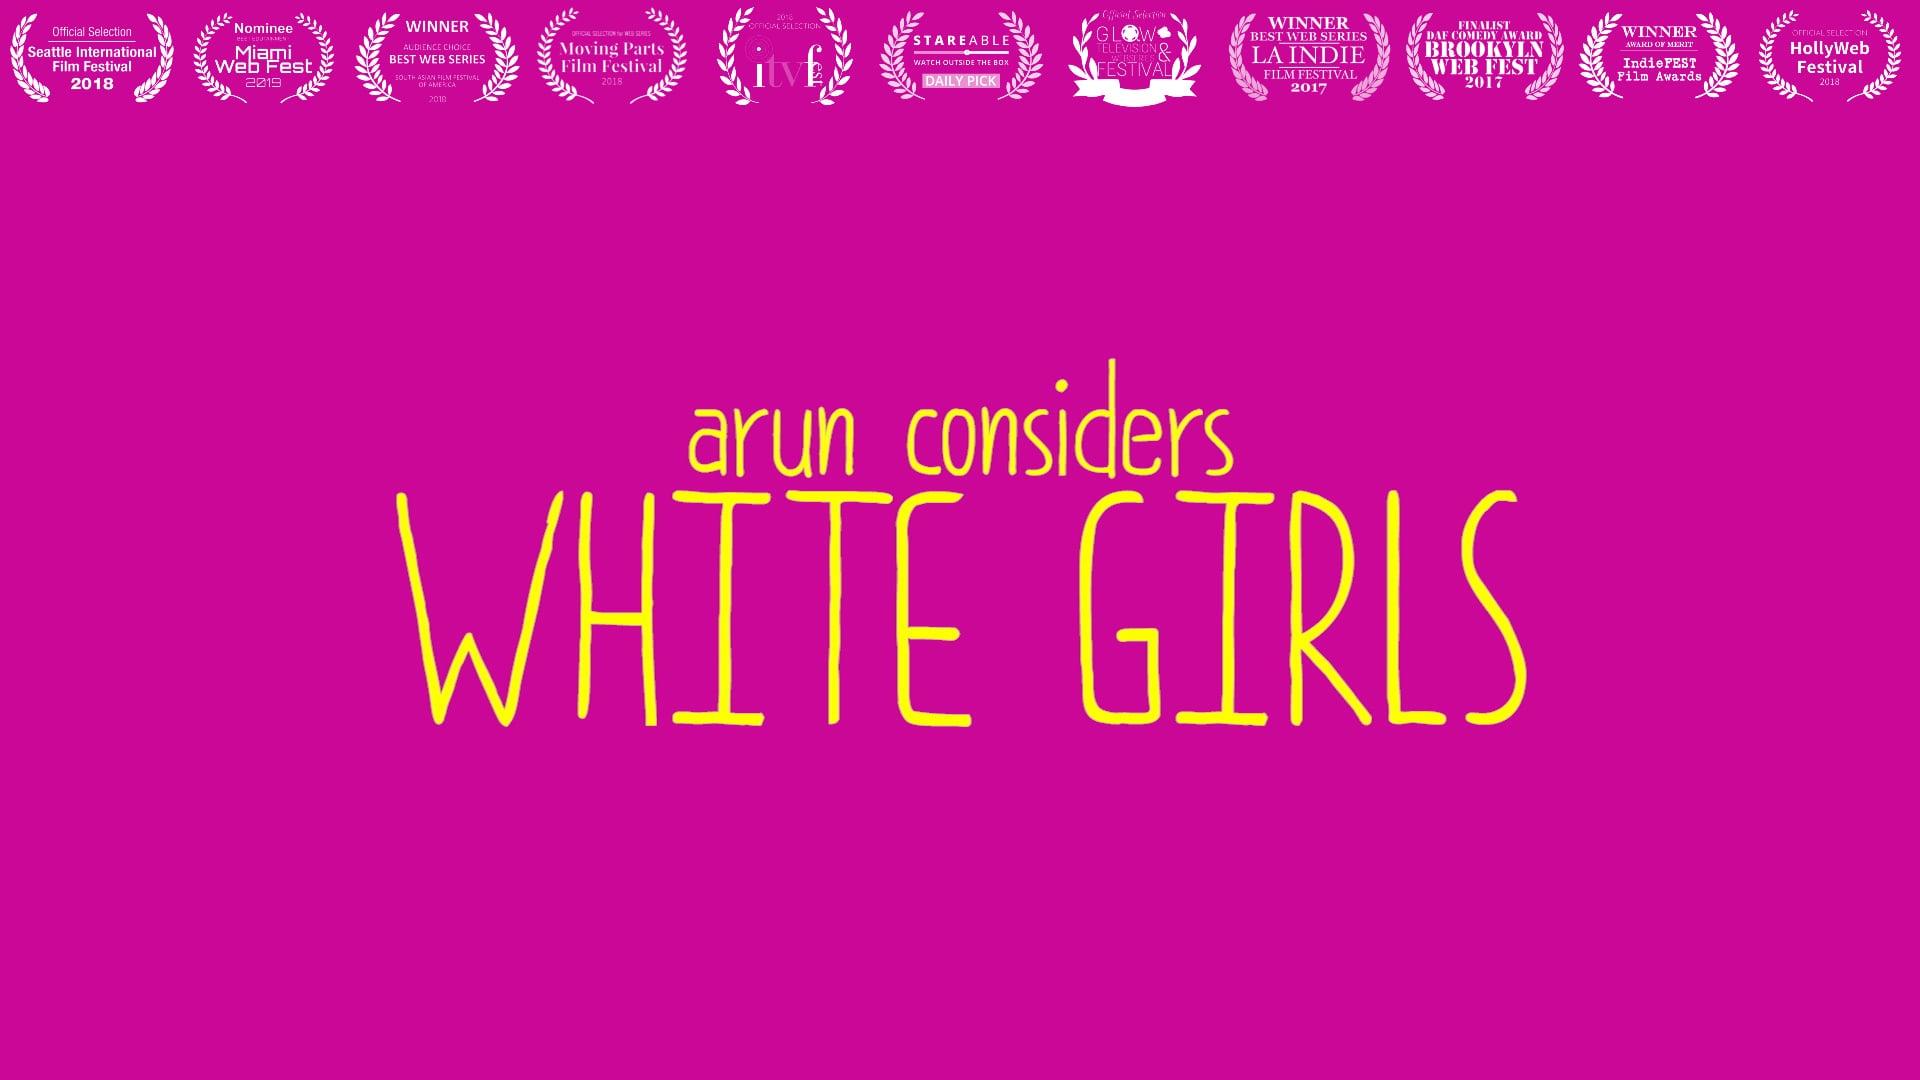 Arun Considers White Girls